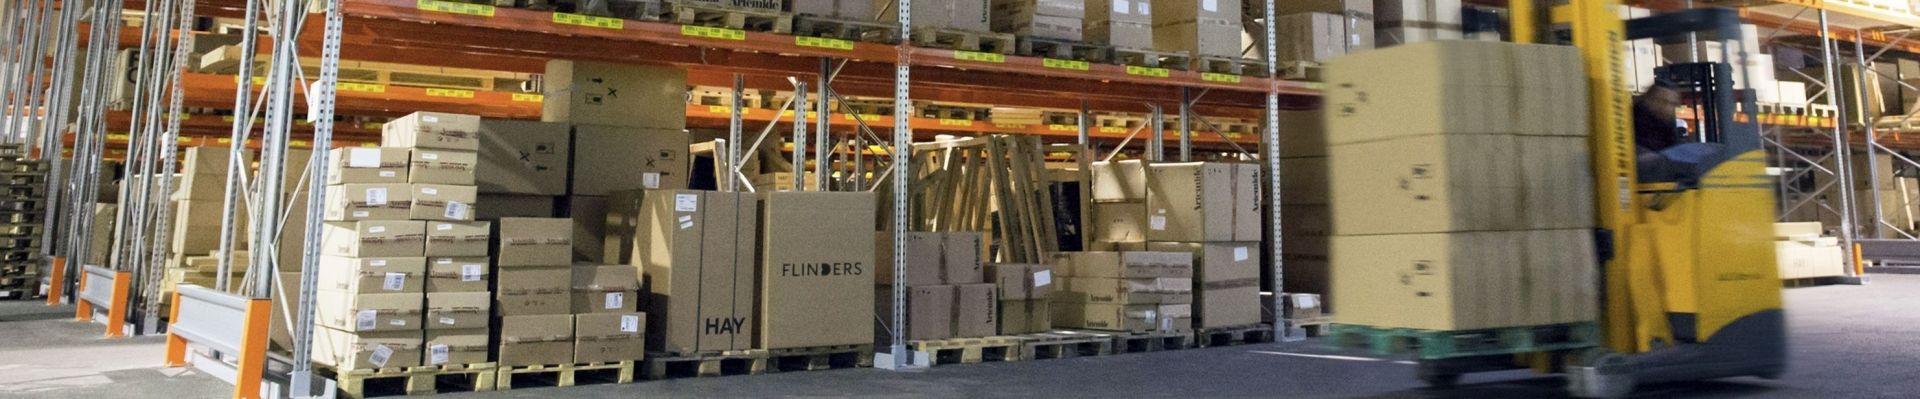 Flinders magazijn